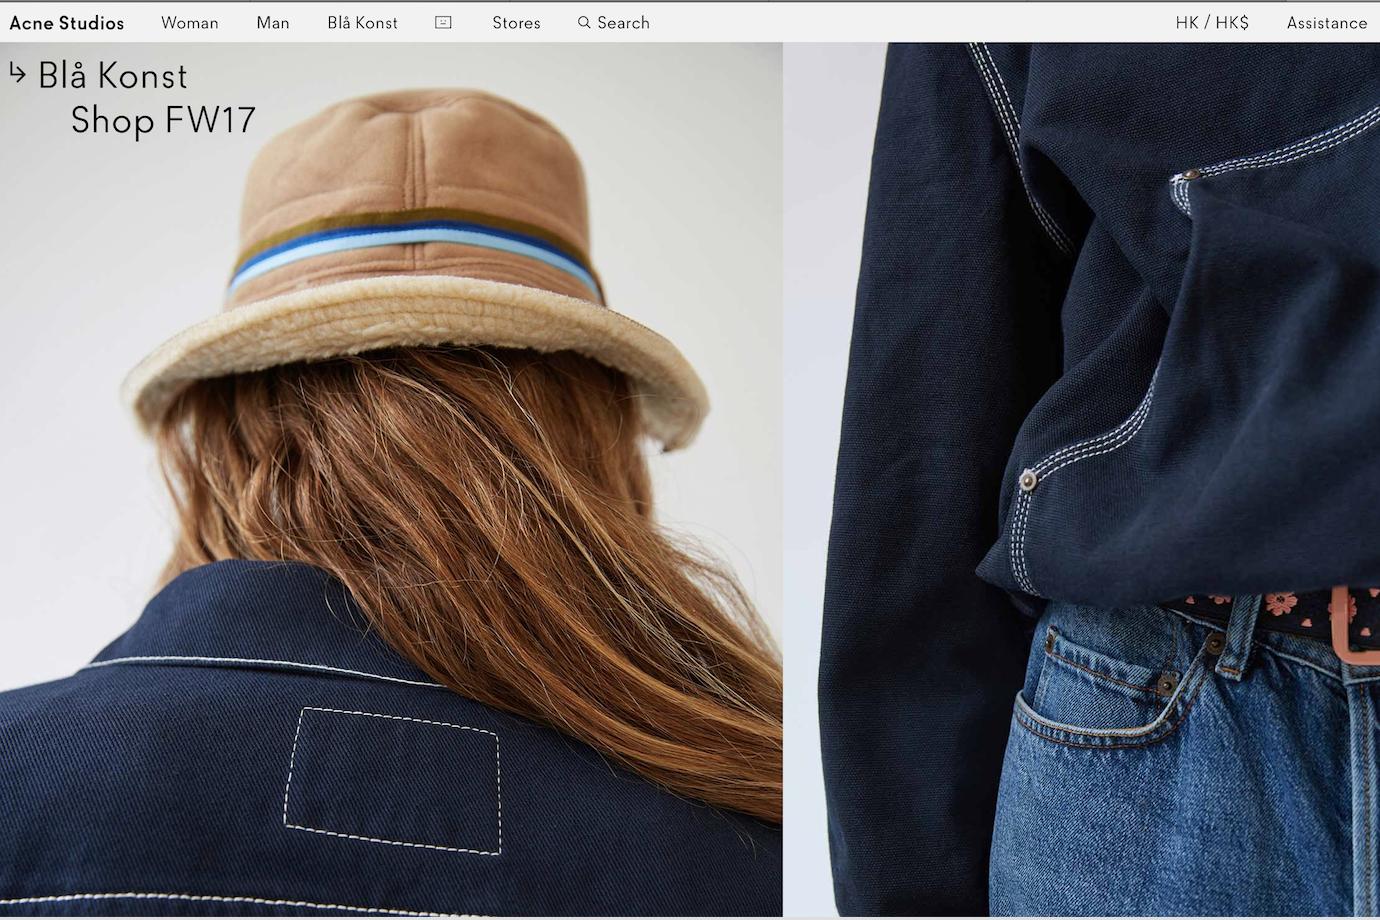 传:瑞典时尚品牌Acne Studios拟出售多数股权,整体估值或高达5亿欧元